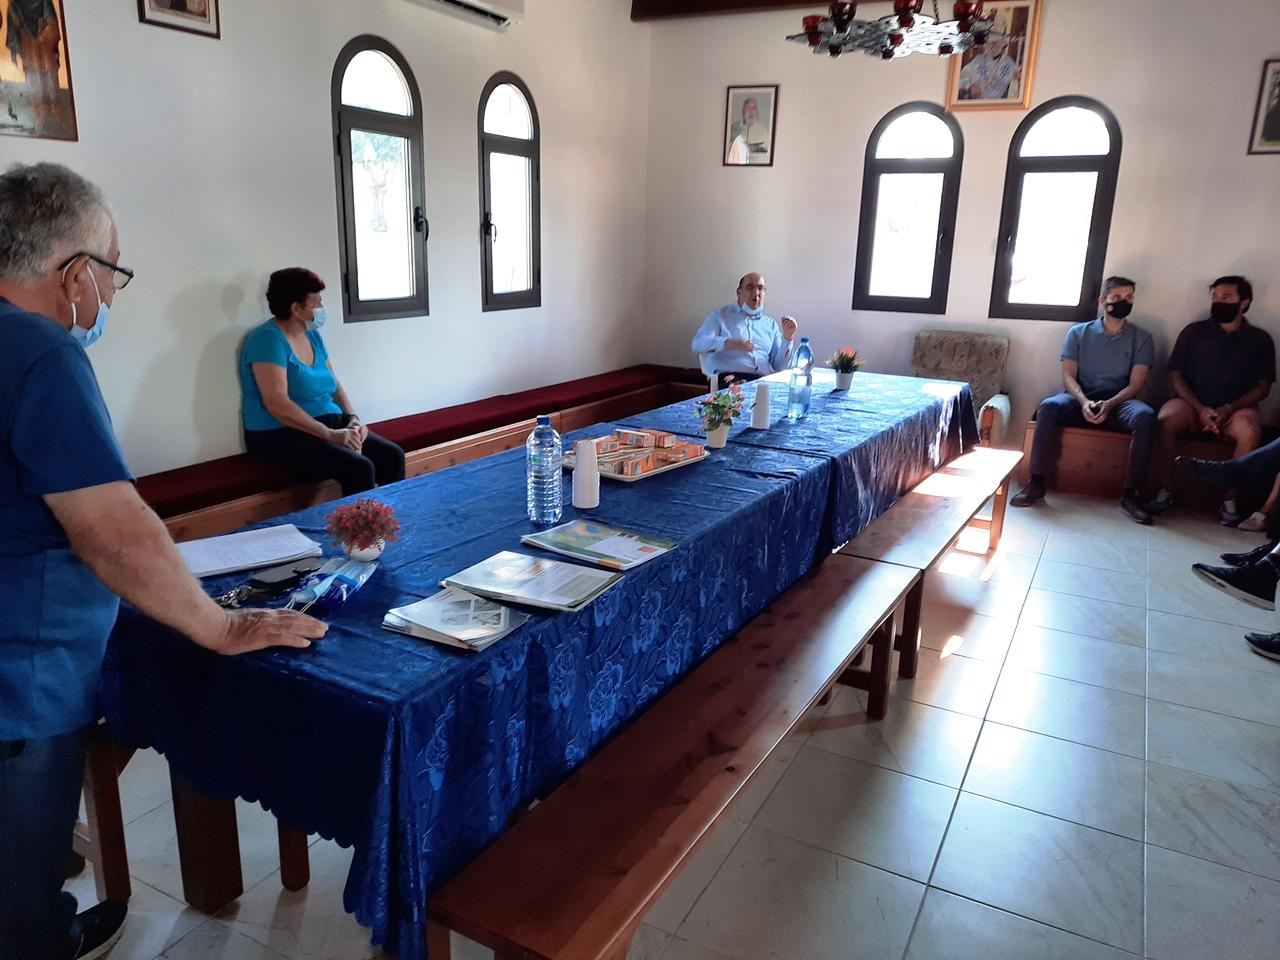 Ο Ανδρέας Βύρας και μέλη του Δημοτικού Συμβουλίου επισκέφθηκαν τους κατοίκους του συνοικισμού Αγίων Αναργύρων Α'